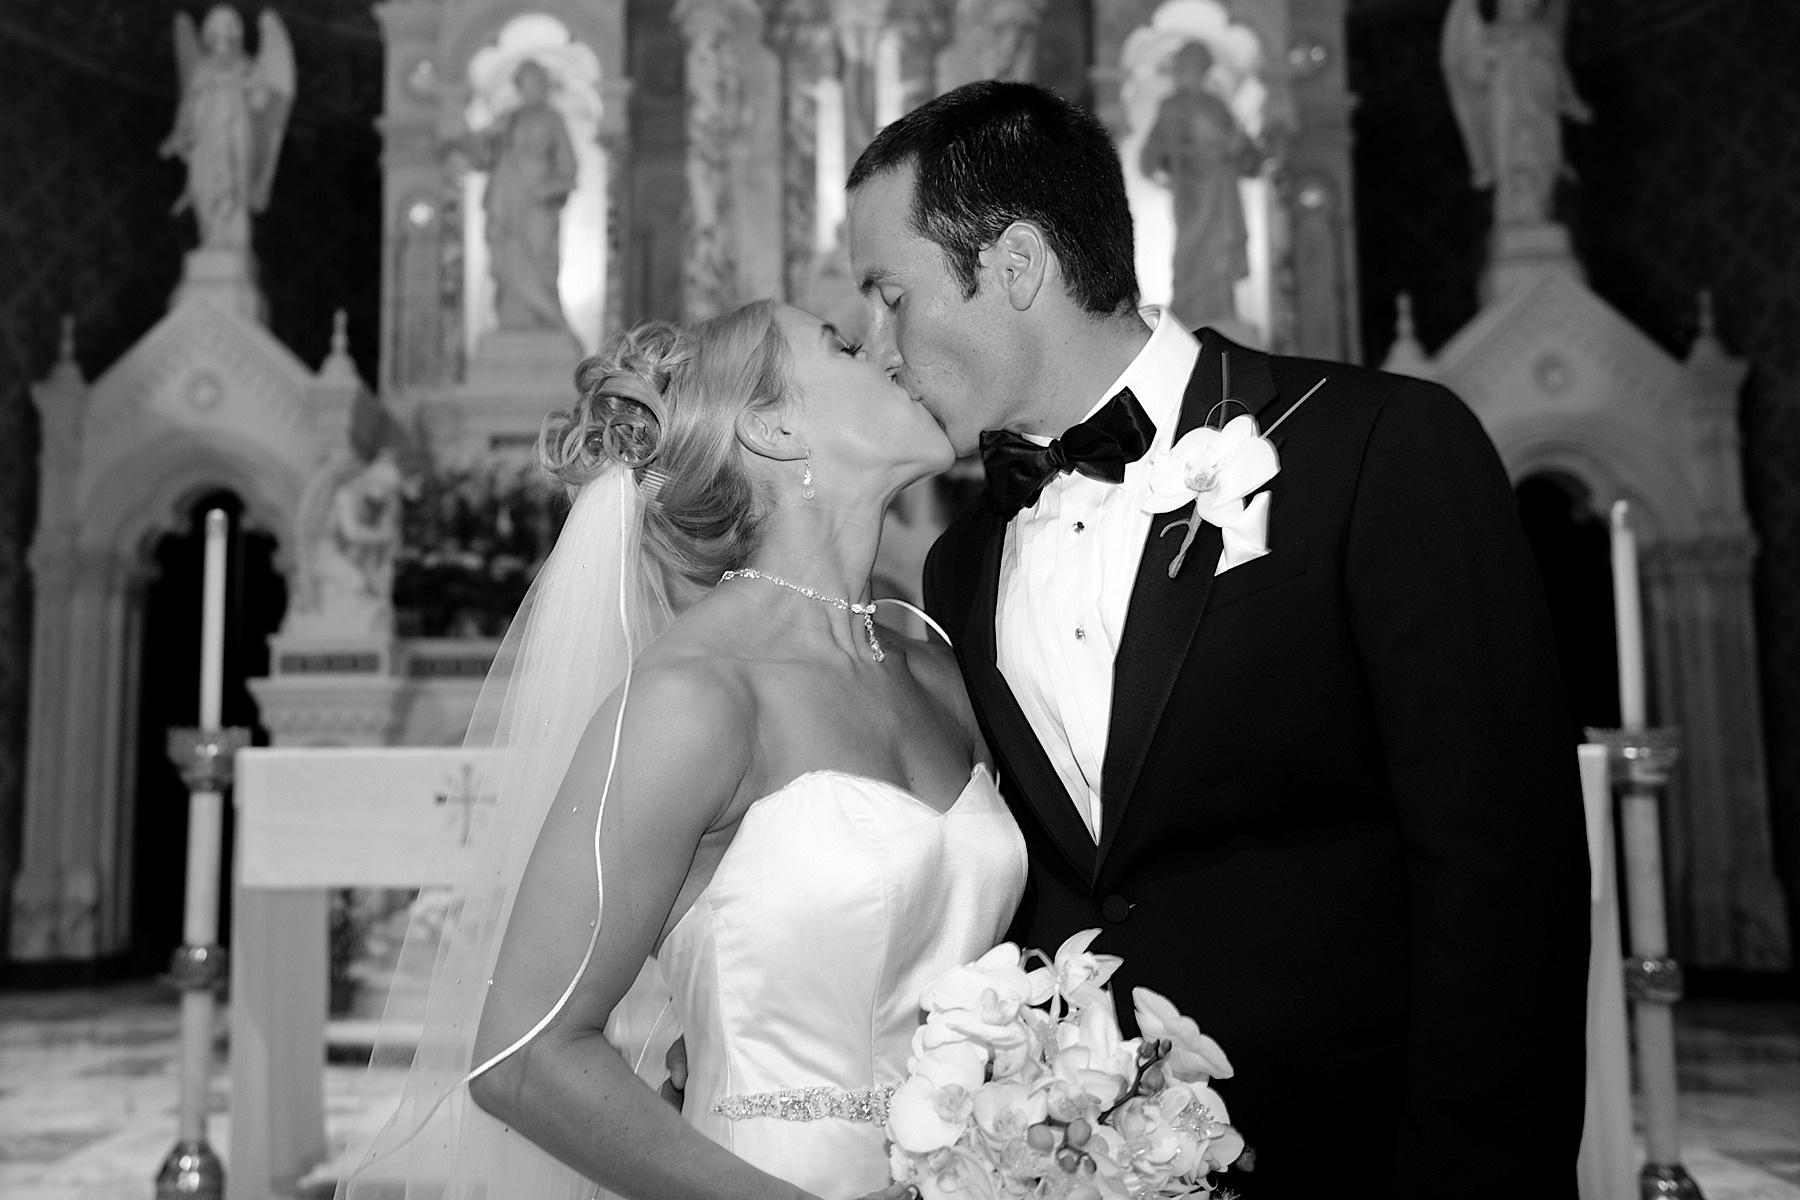 julia_morgan_ballroom_san_francisco_wedding_photographer_048